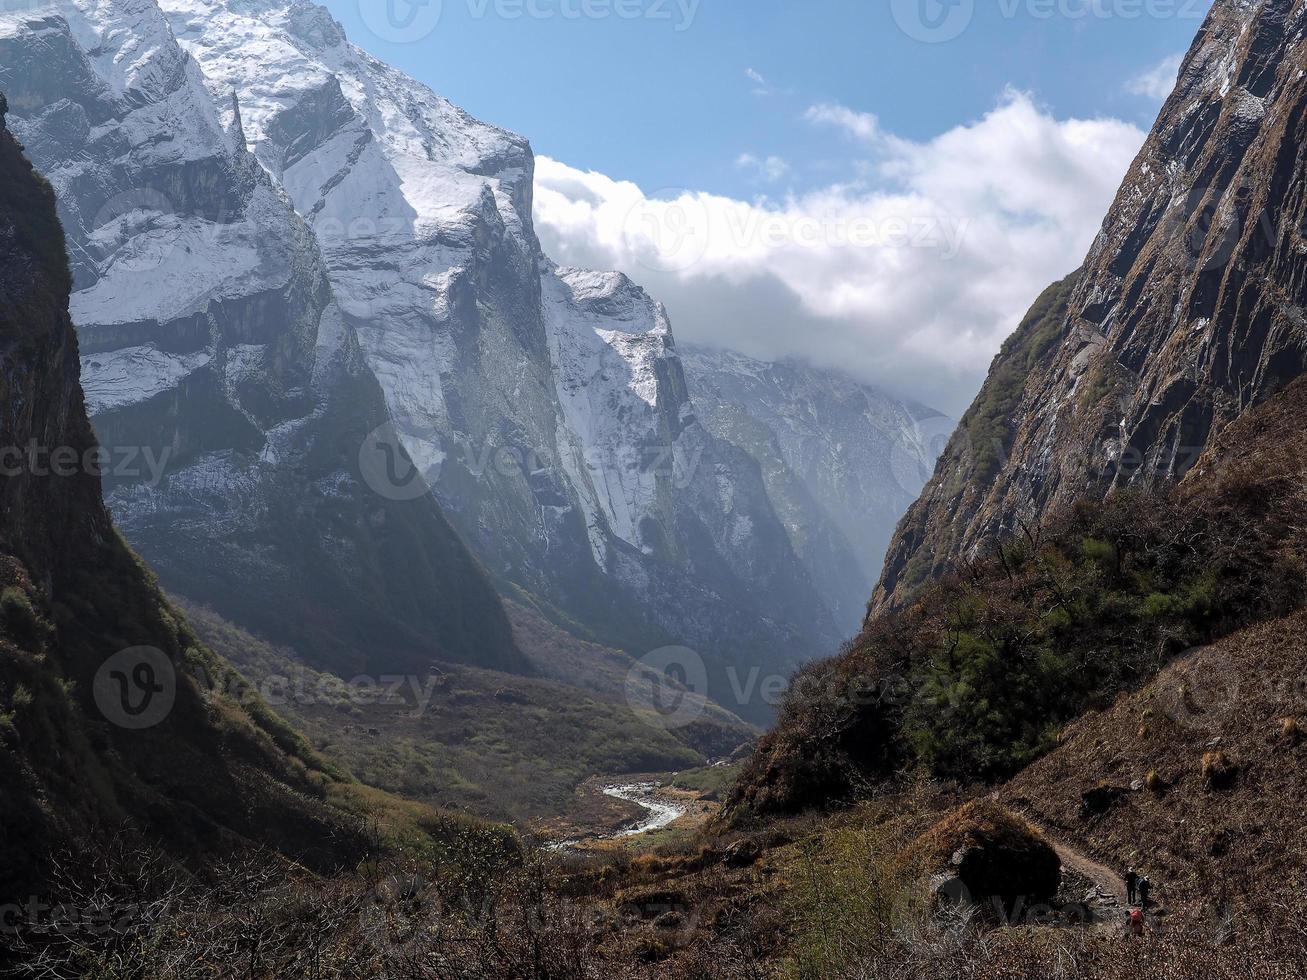 vale de modi khola, o caminho para o acampamento base de annapurna, nepal foto